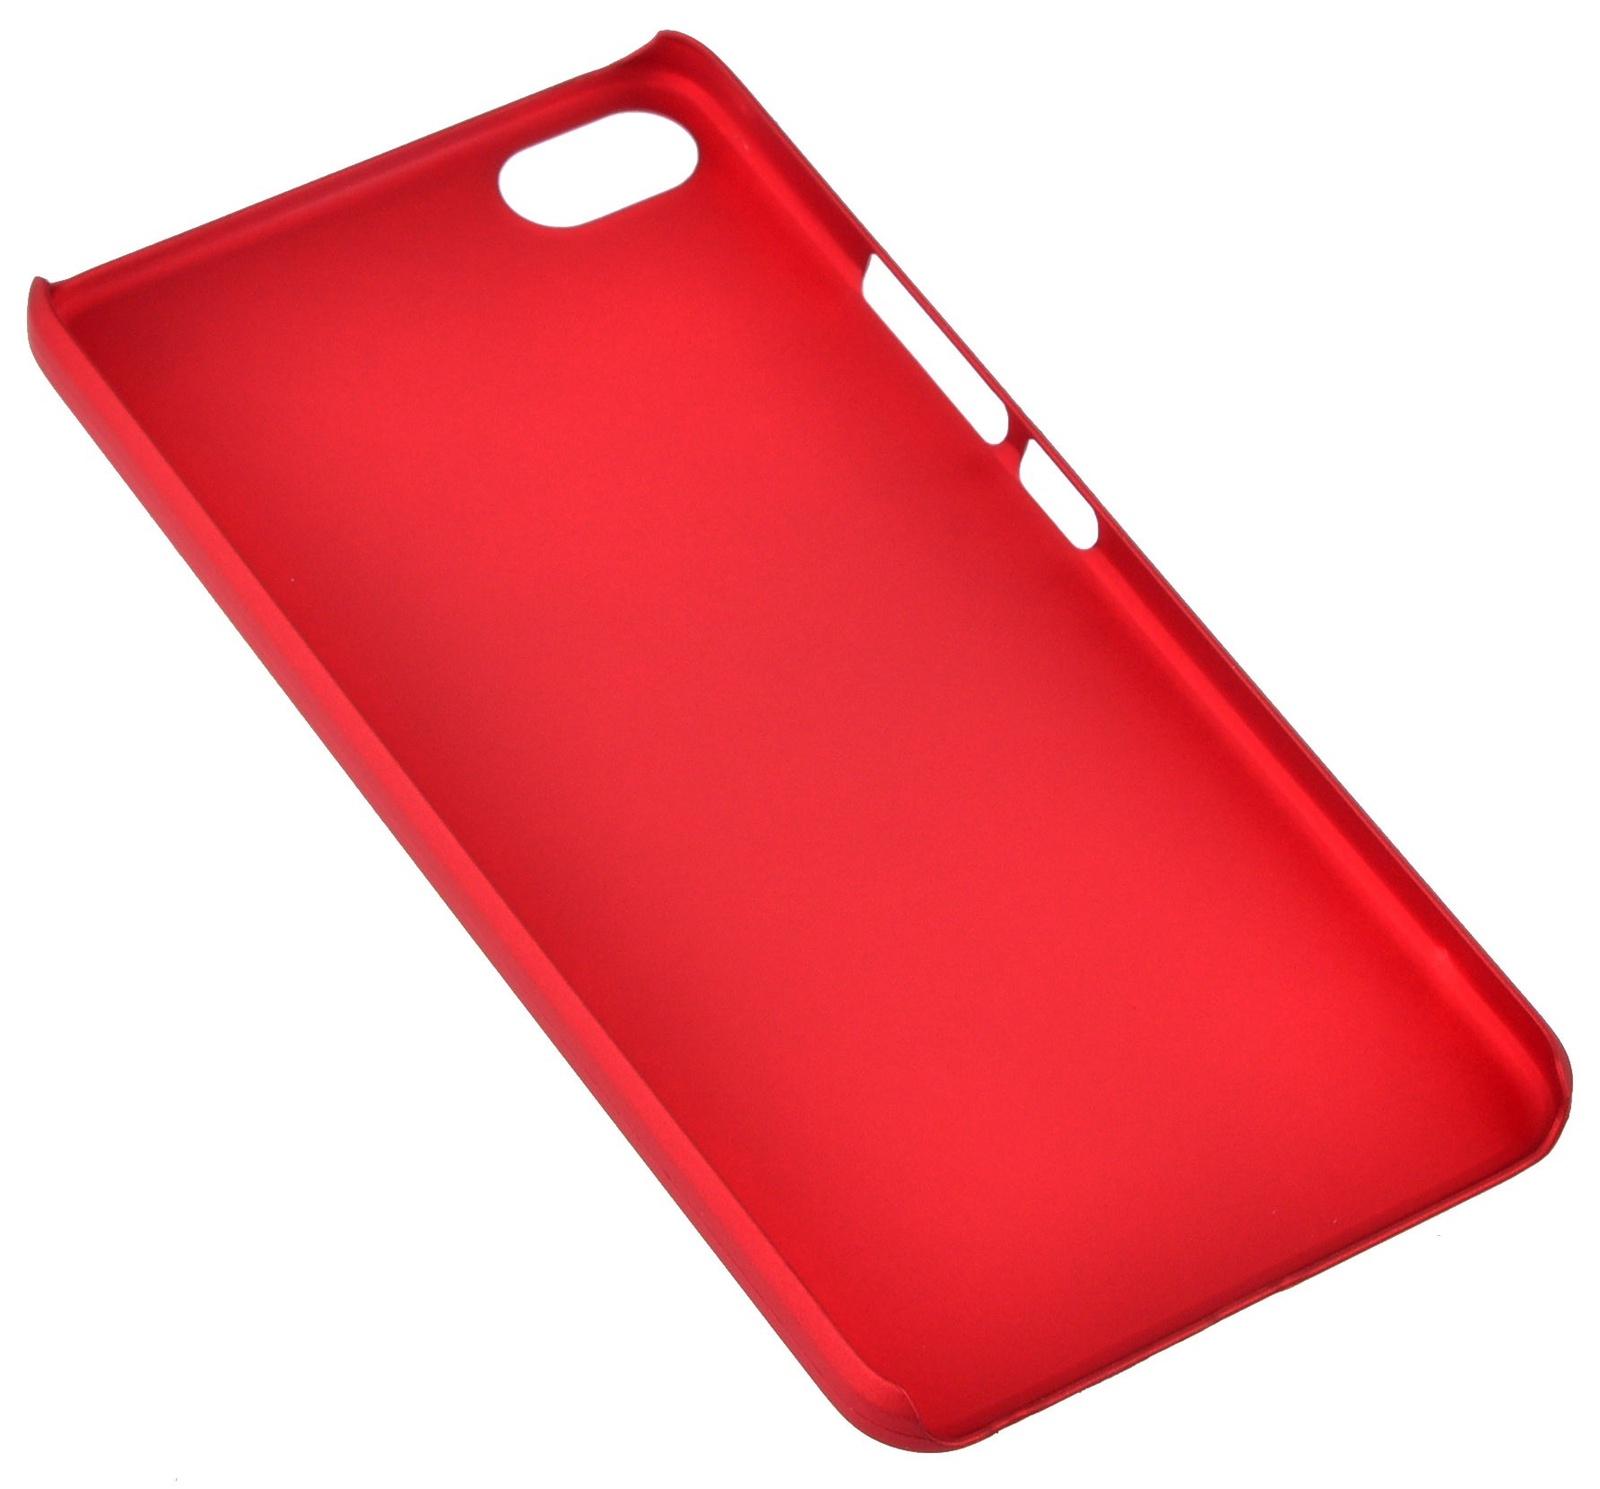 Чехол для сотового телефона skinBOX 4People, 4660041408072, красный чехол для lenovo a2010 skinbox 4people shield case черный